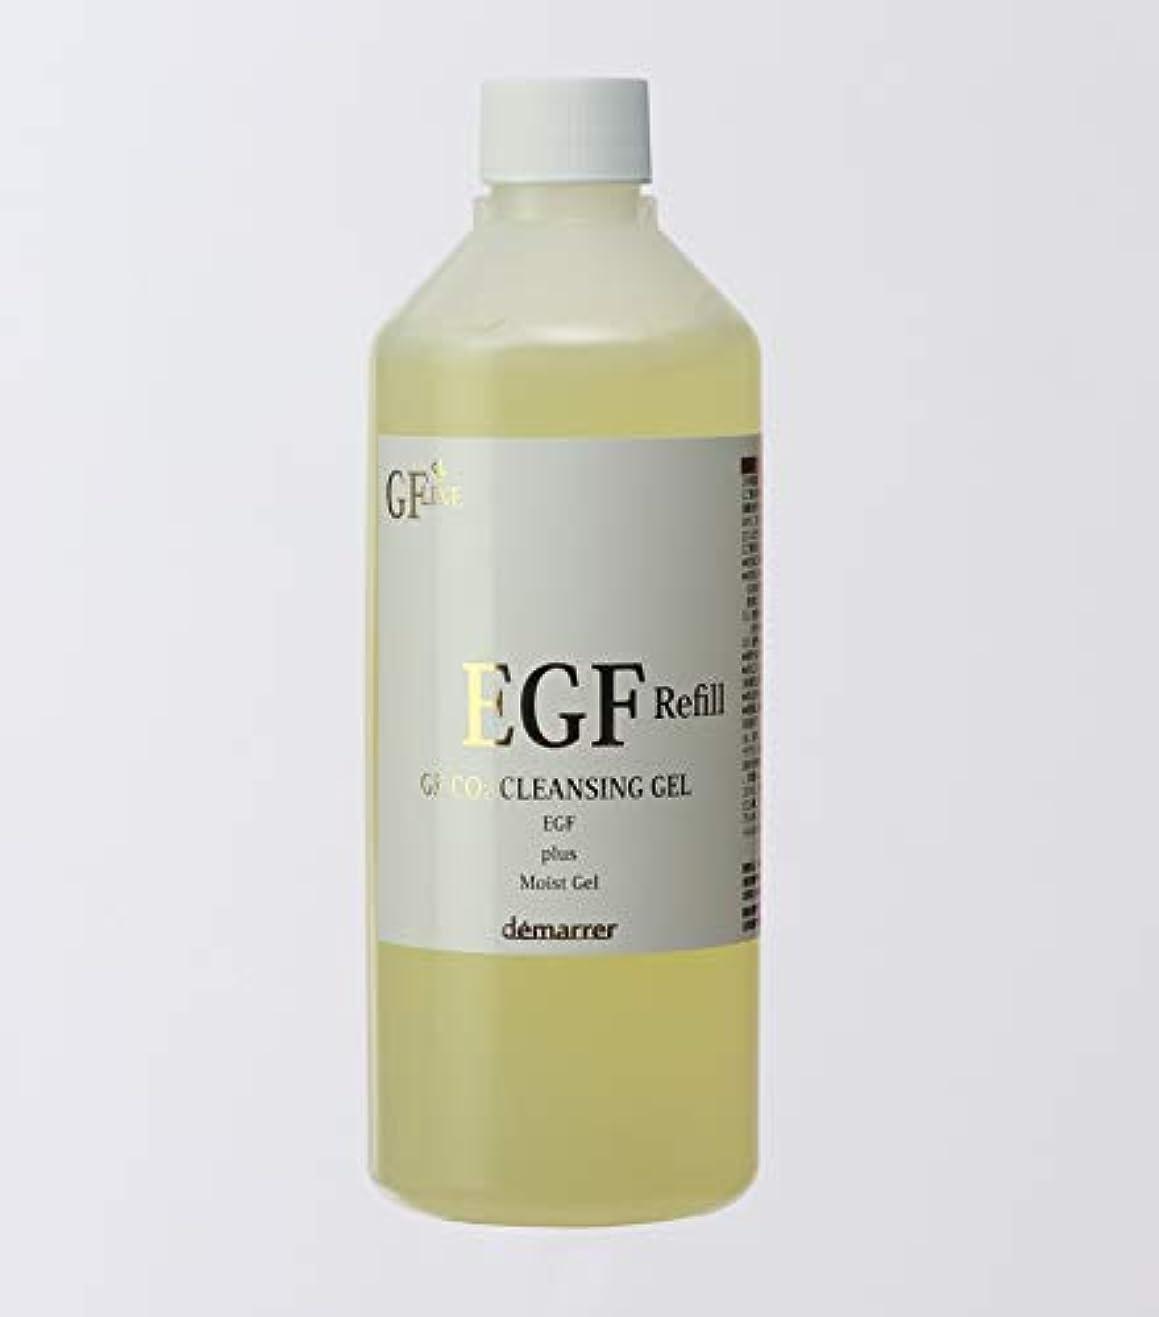 方程式屋内ドロップデマレ GF 炭酸洗顔クレンジング 400g レフィル